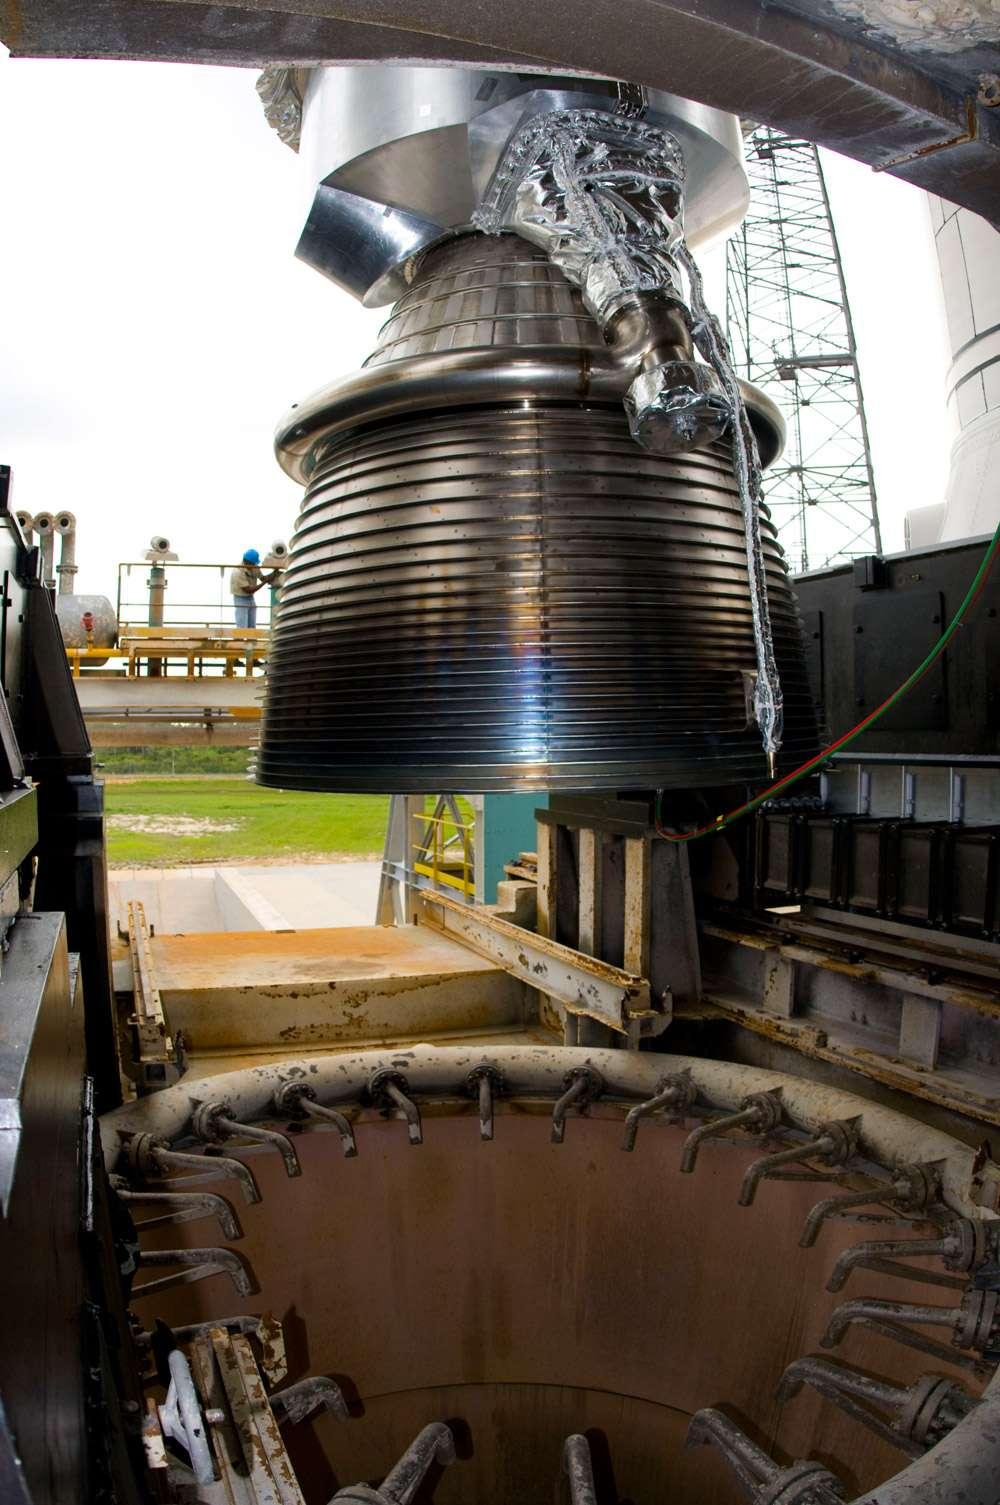 L'idée d'allumer le moteur quelques secondes avant le décollage du lanceur est un des héritages du temps où Ariane 5 était destinée à faire du vol habité en lançant l'avion spatial Hermes. © Esa/S. Corvaja